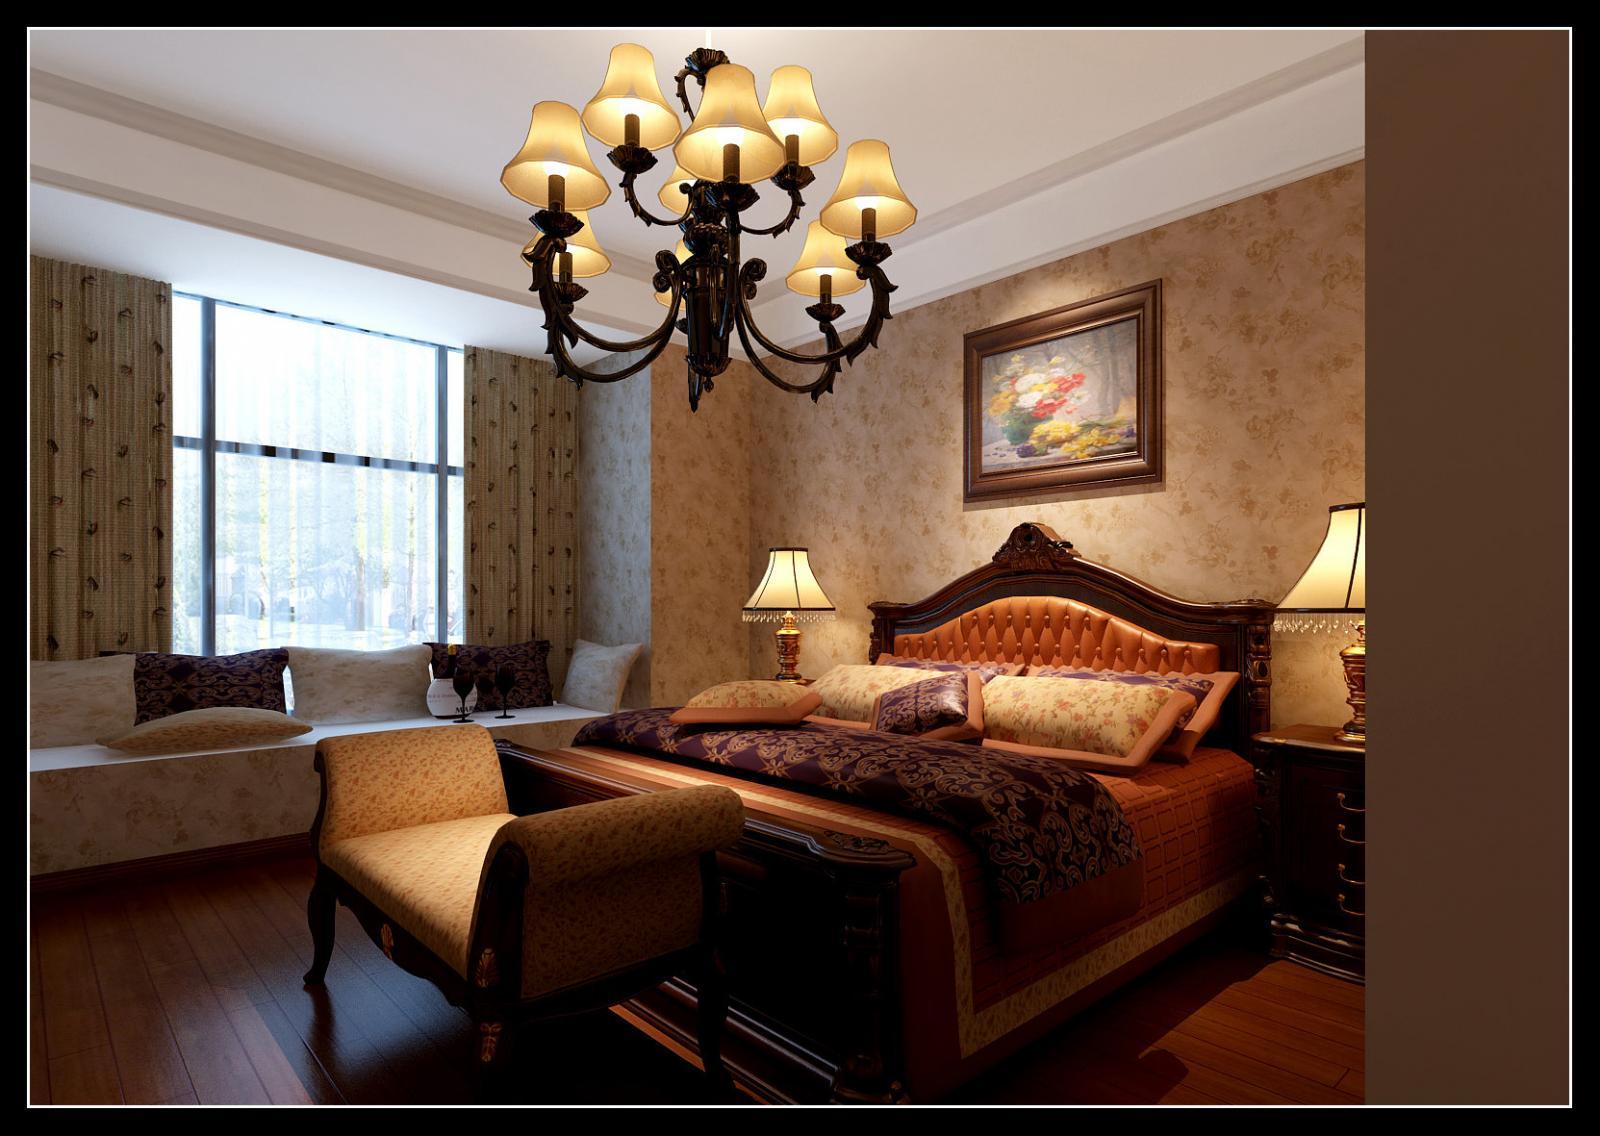 三居室美式风格主卧室_恒大绿洲-卧室装修效果图-x团图片